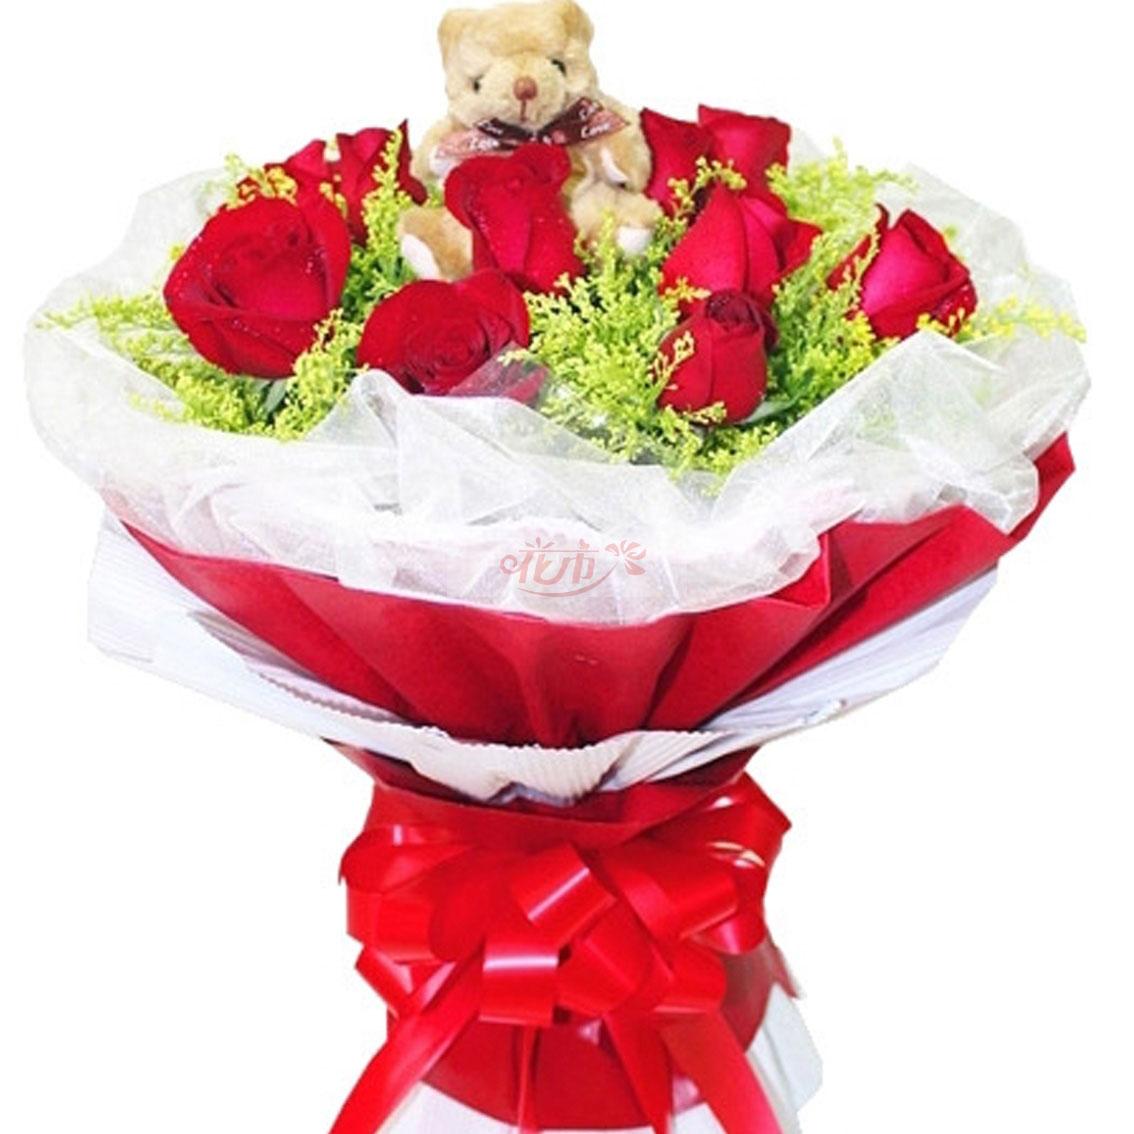 520送女孩红玫瑰代表什么意思